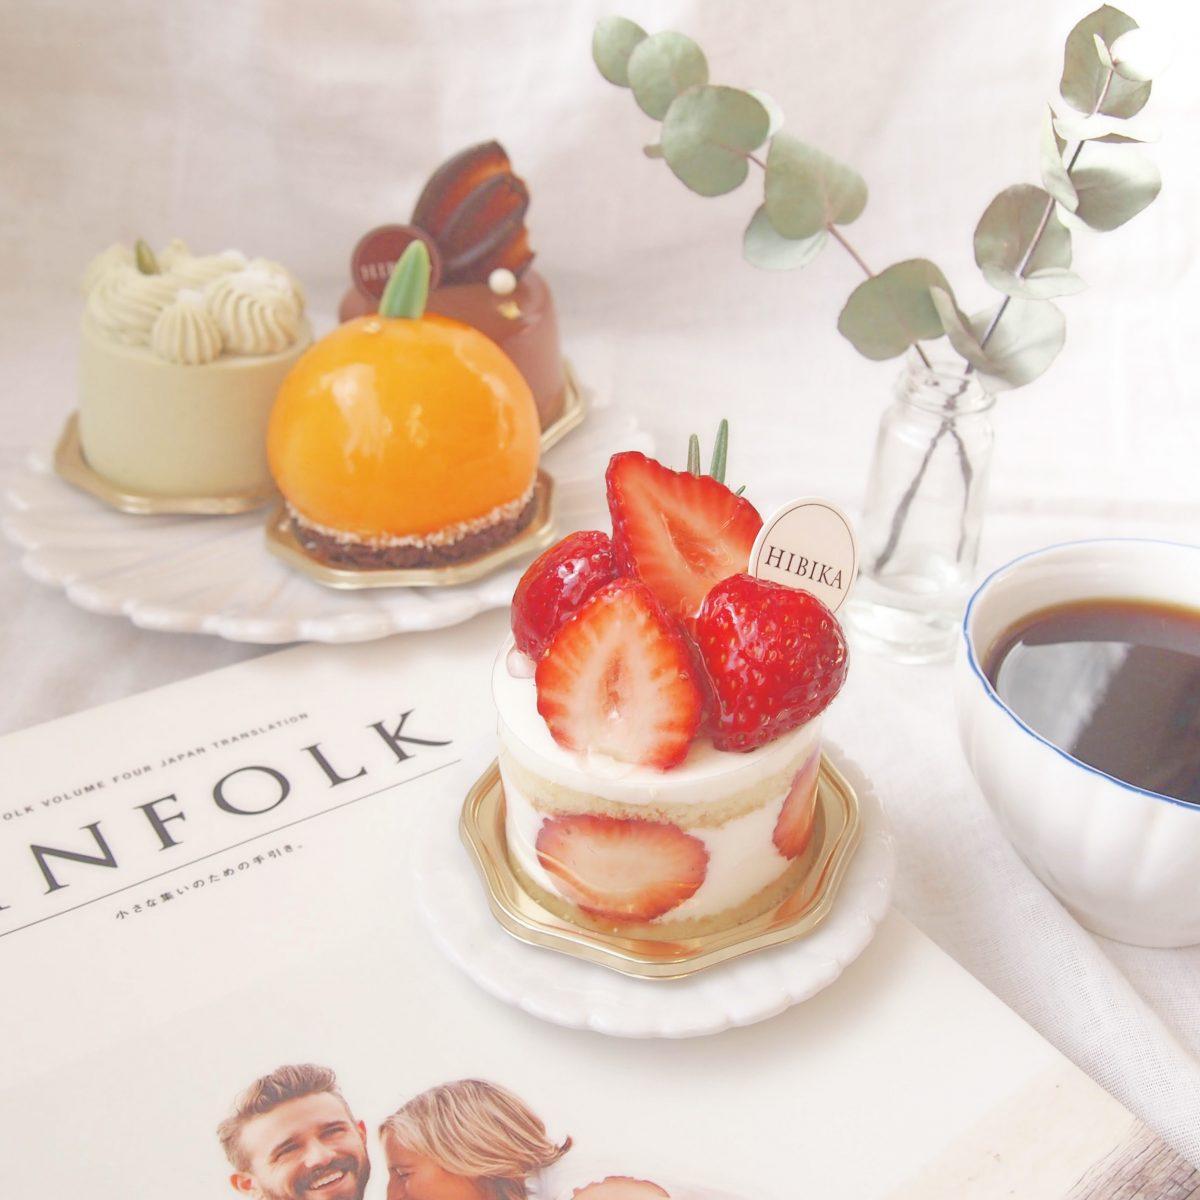 hibikaの冬のケーキ